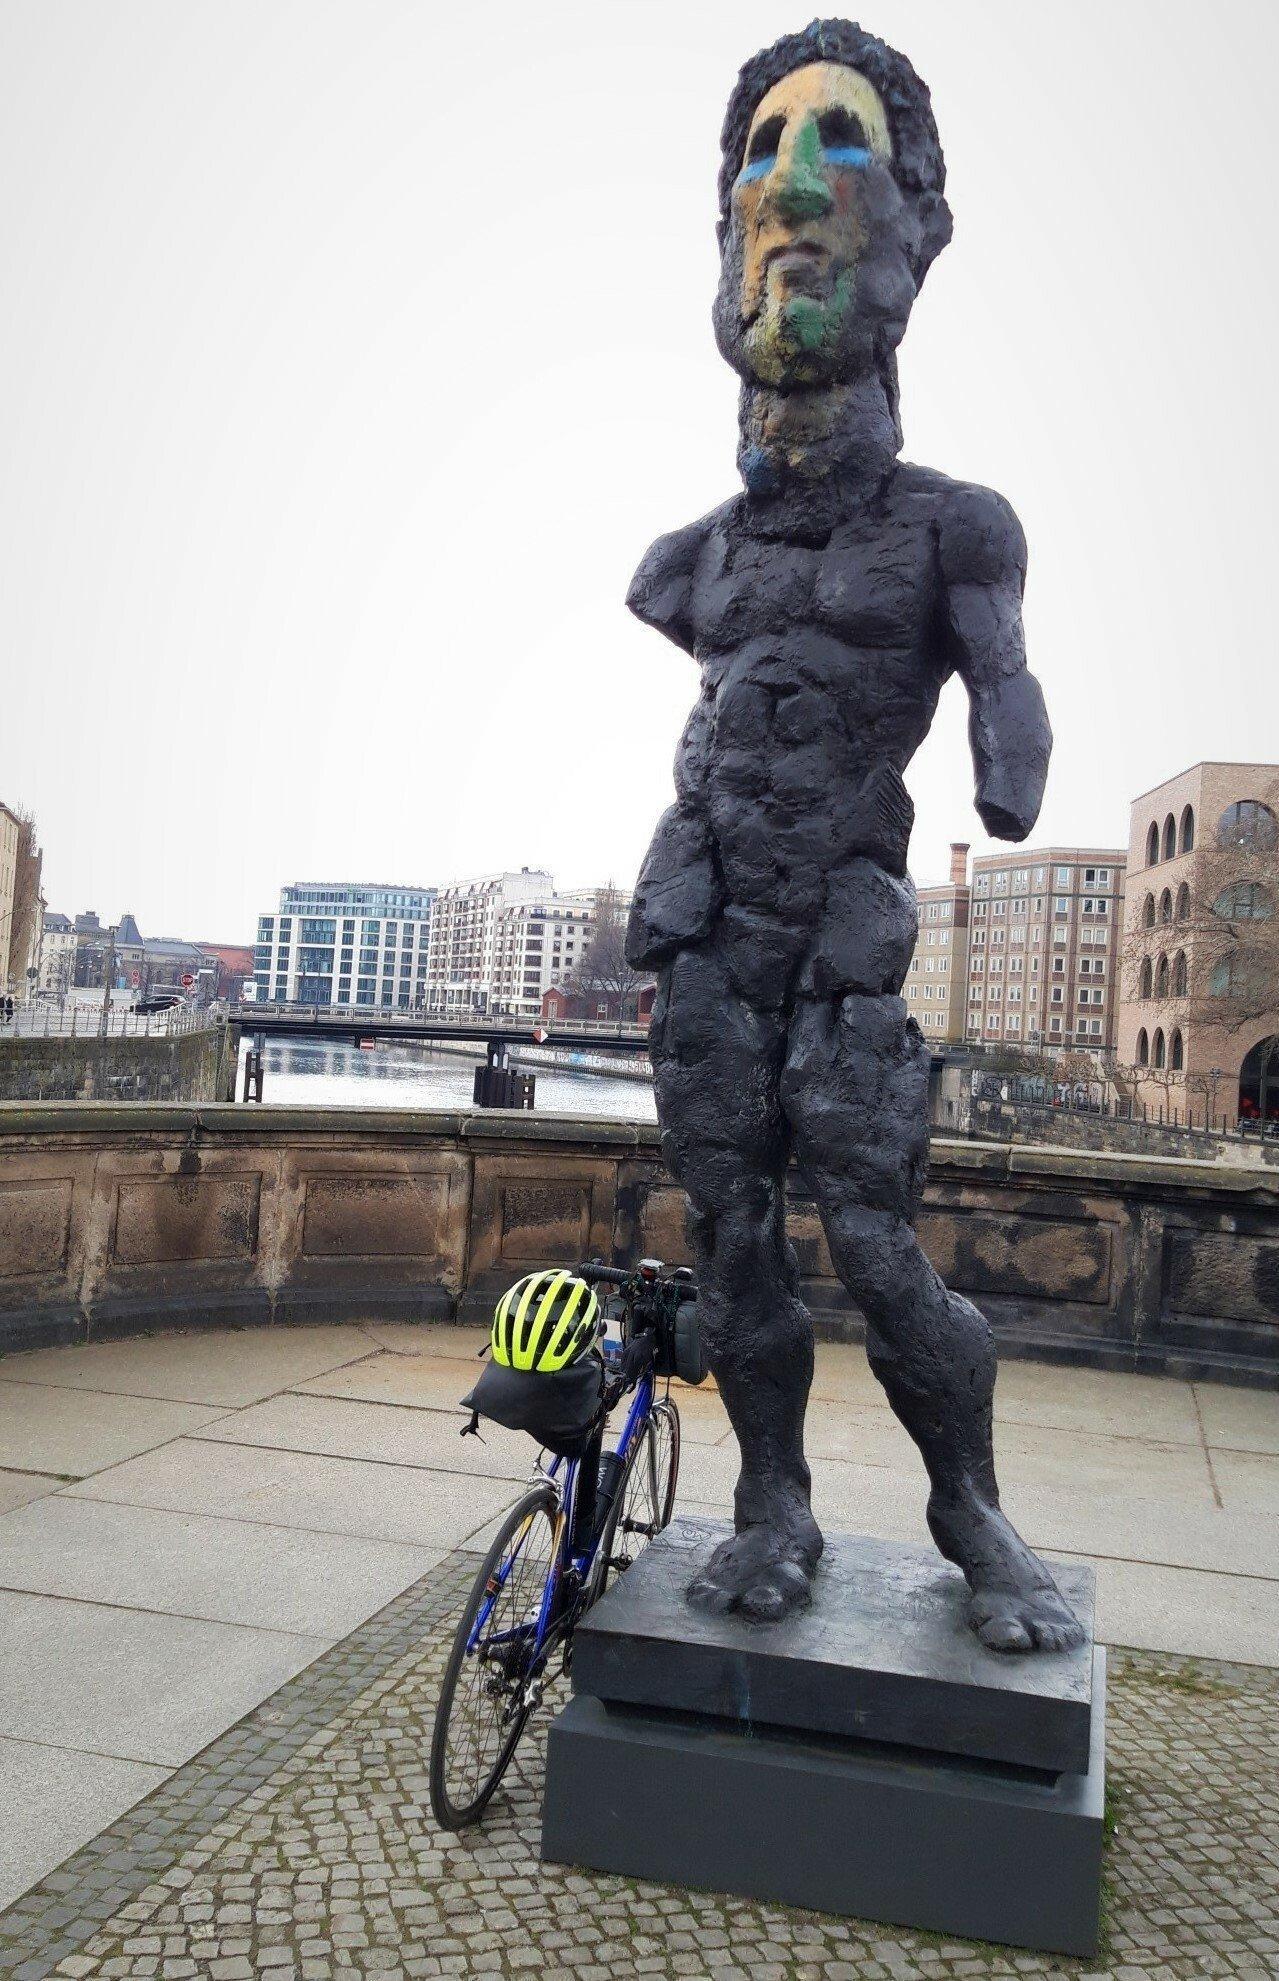 Das Rad lehnt an der 3-Meter-Statue.